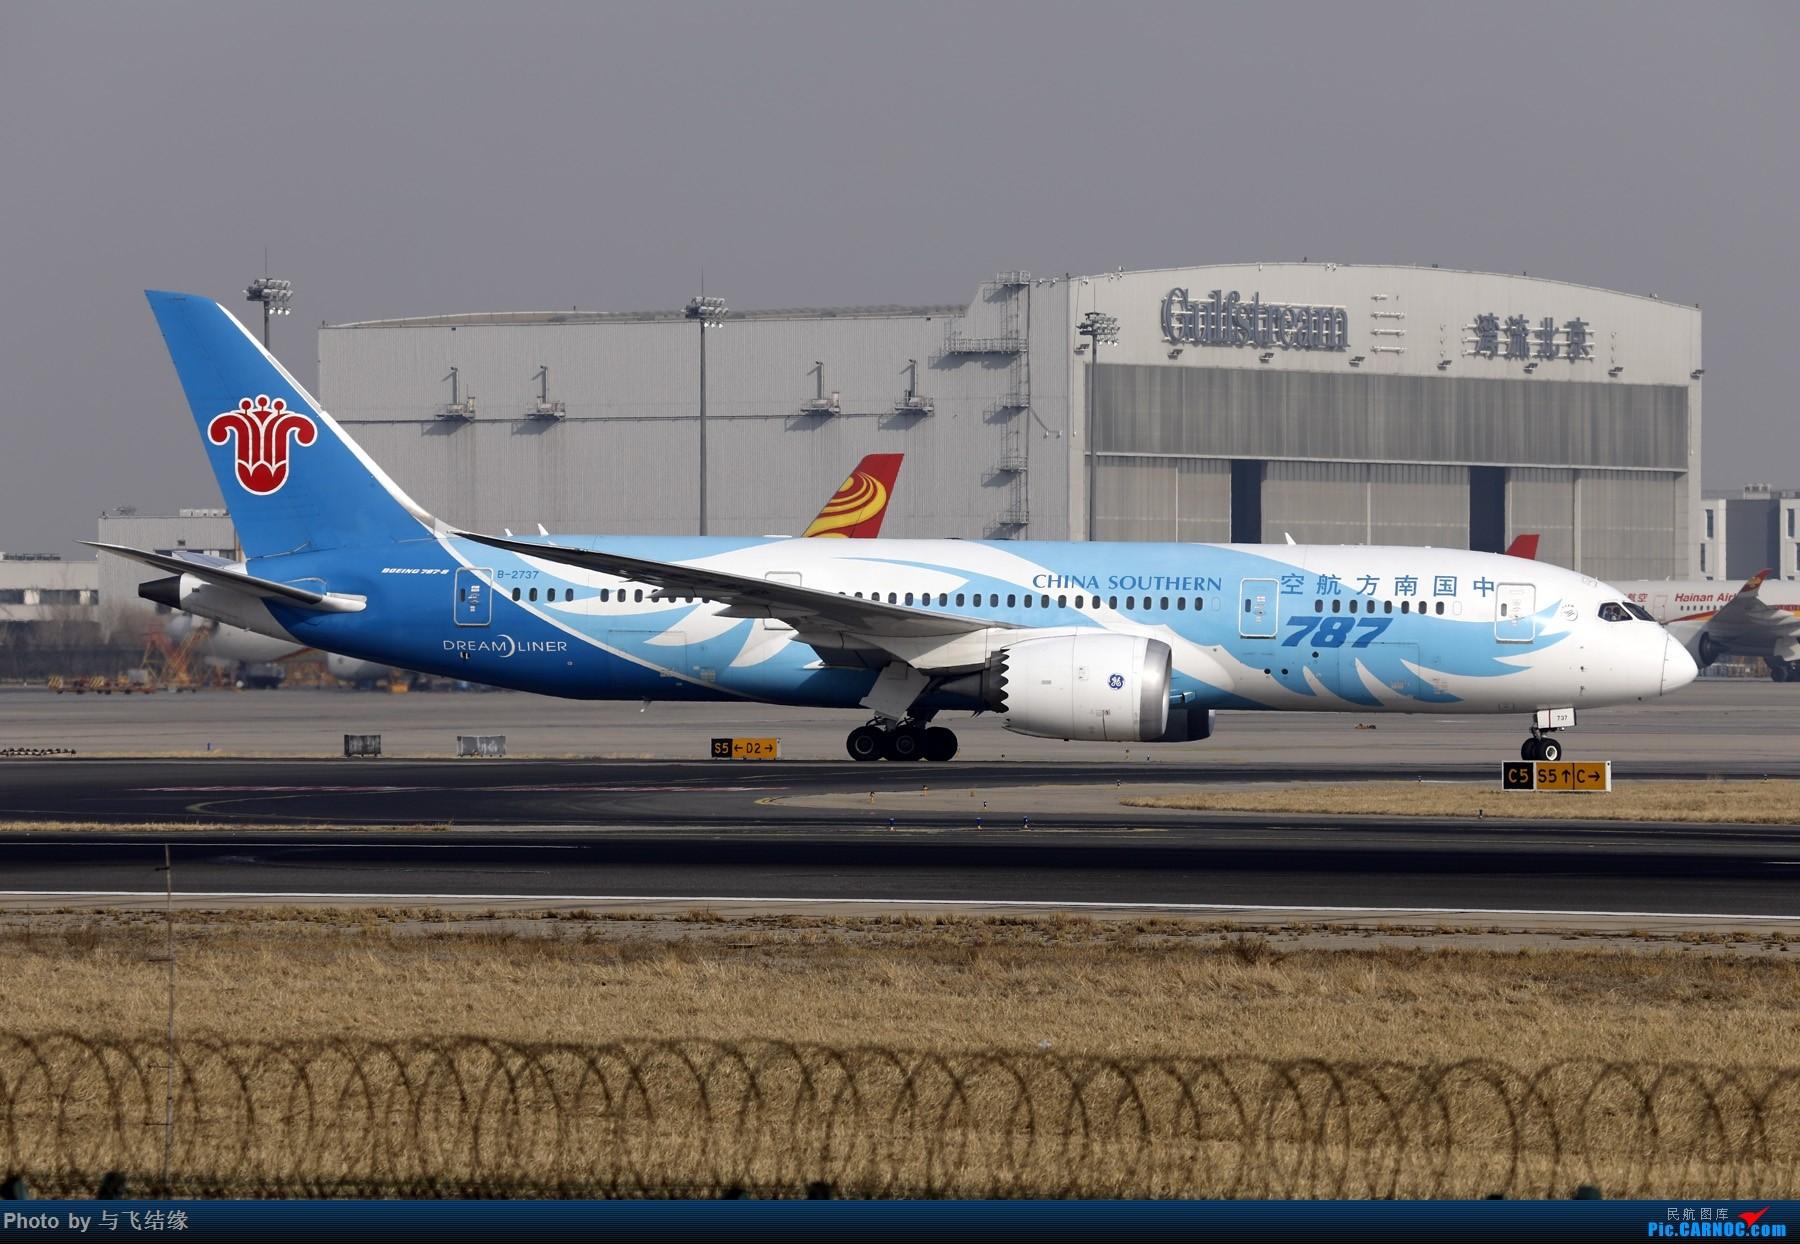 """Re:[原创]农历三十再发一贴,祝朋友们新年""""猪""""事顺利,吉祥如意! BOEING 787-8 B-2737 中国北京首都国际机场"""